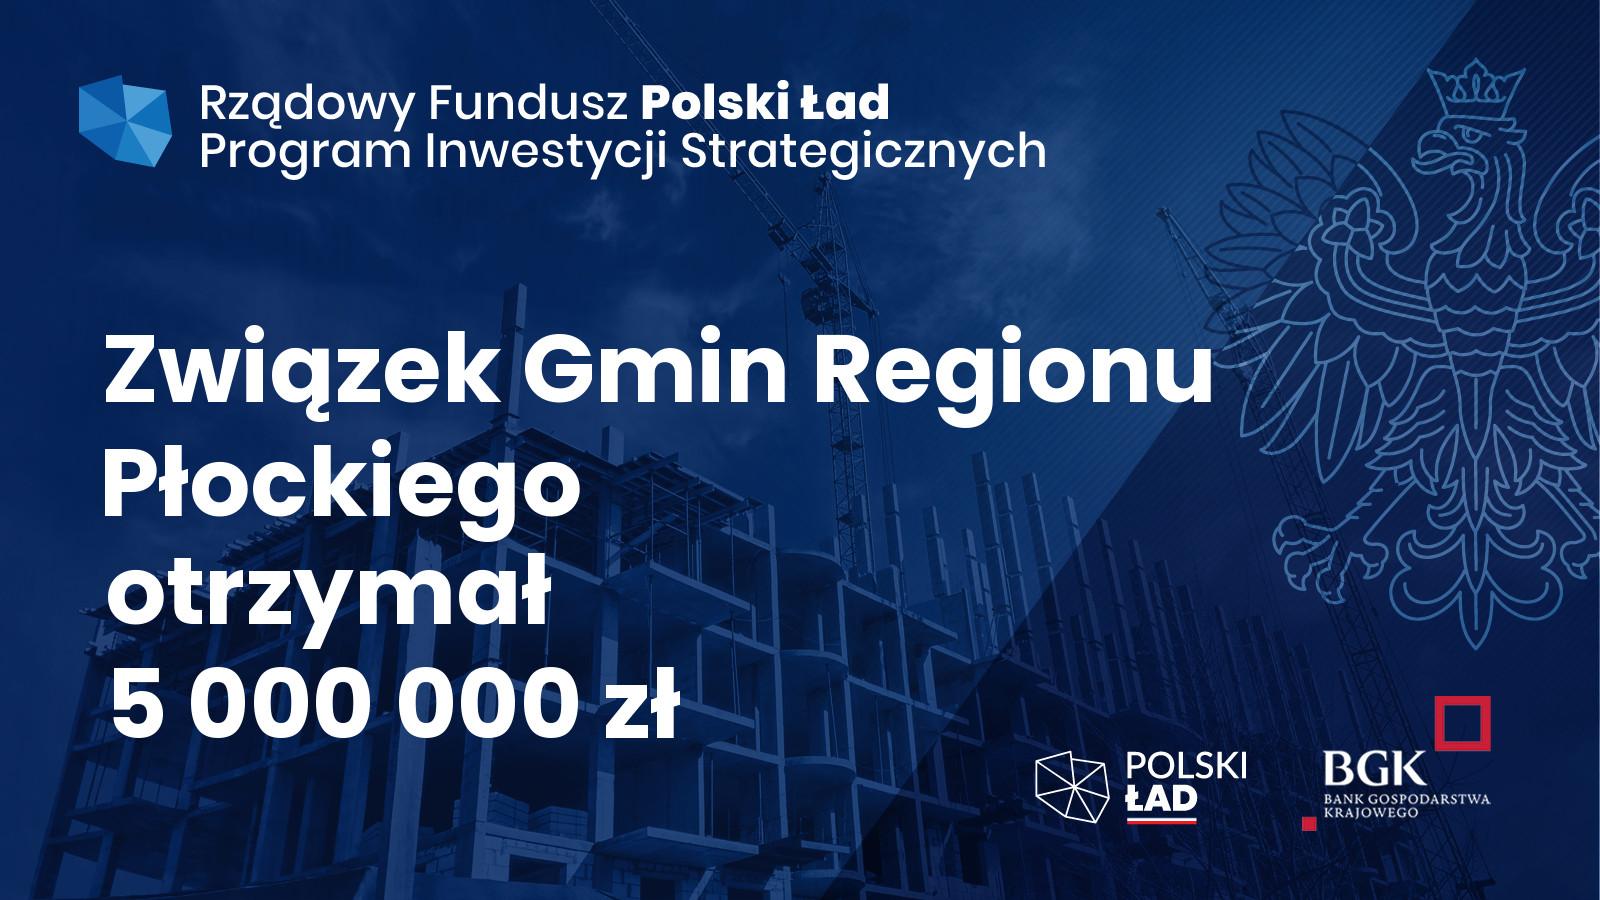 Związek Gmin Regionu Płockiego w pierwszej pilotażowej edycji wniosków  o dofinasowanie z Rządowego Funduszu Polski Ład: Program Inwestycji Strategicznych otrzymał dofinasowanie w wysokości 5 000 000,00 zł